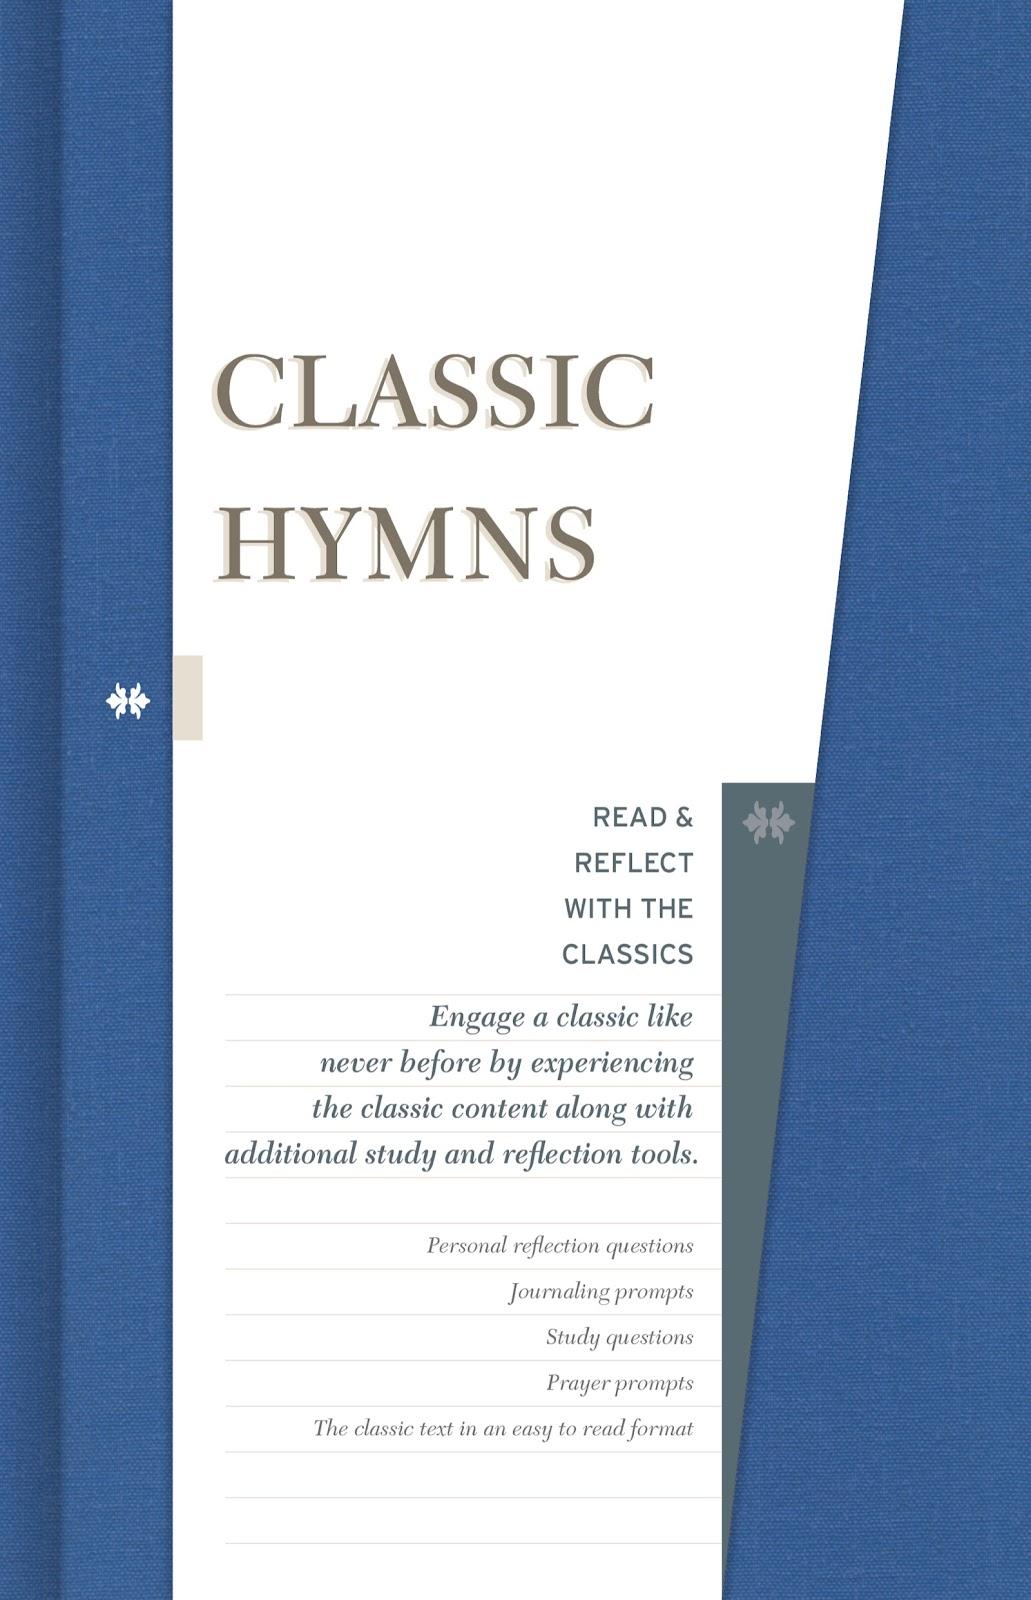 Classic-Hymns.jpeg